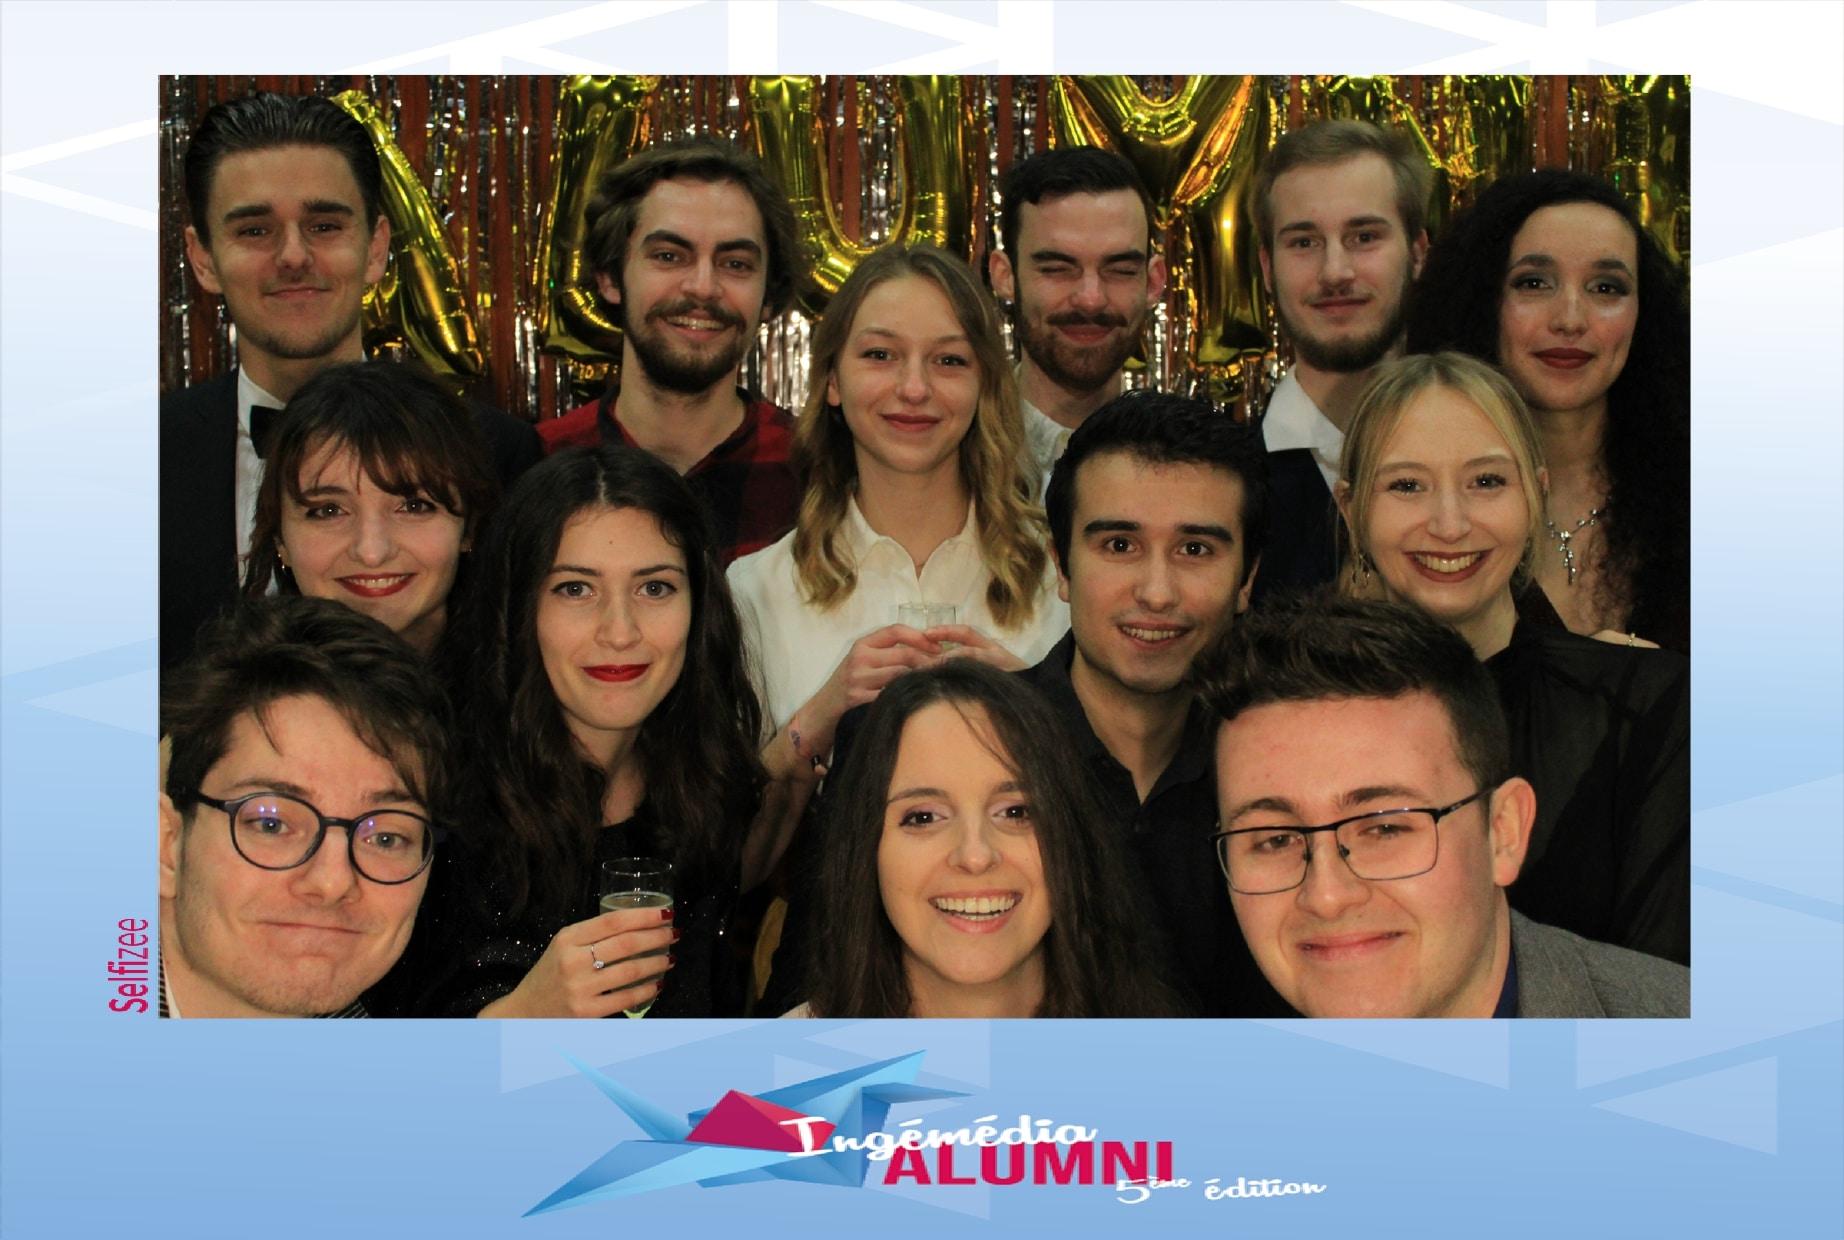 Animation borne photo à la 5ème édition journée Alumni Ingémédia de l'université de Toulon avec selfies personnalisés étudiants et diplômés lors de la soirée